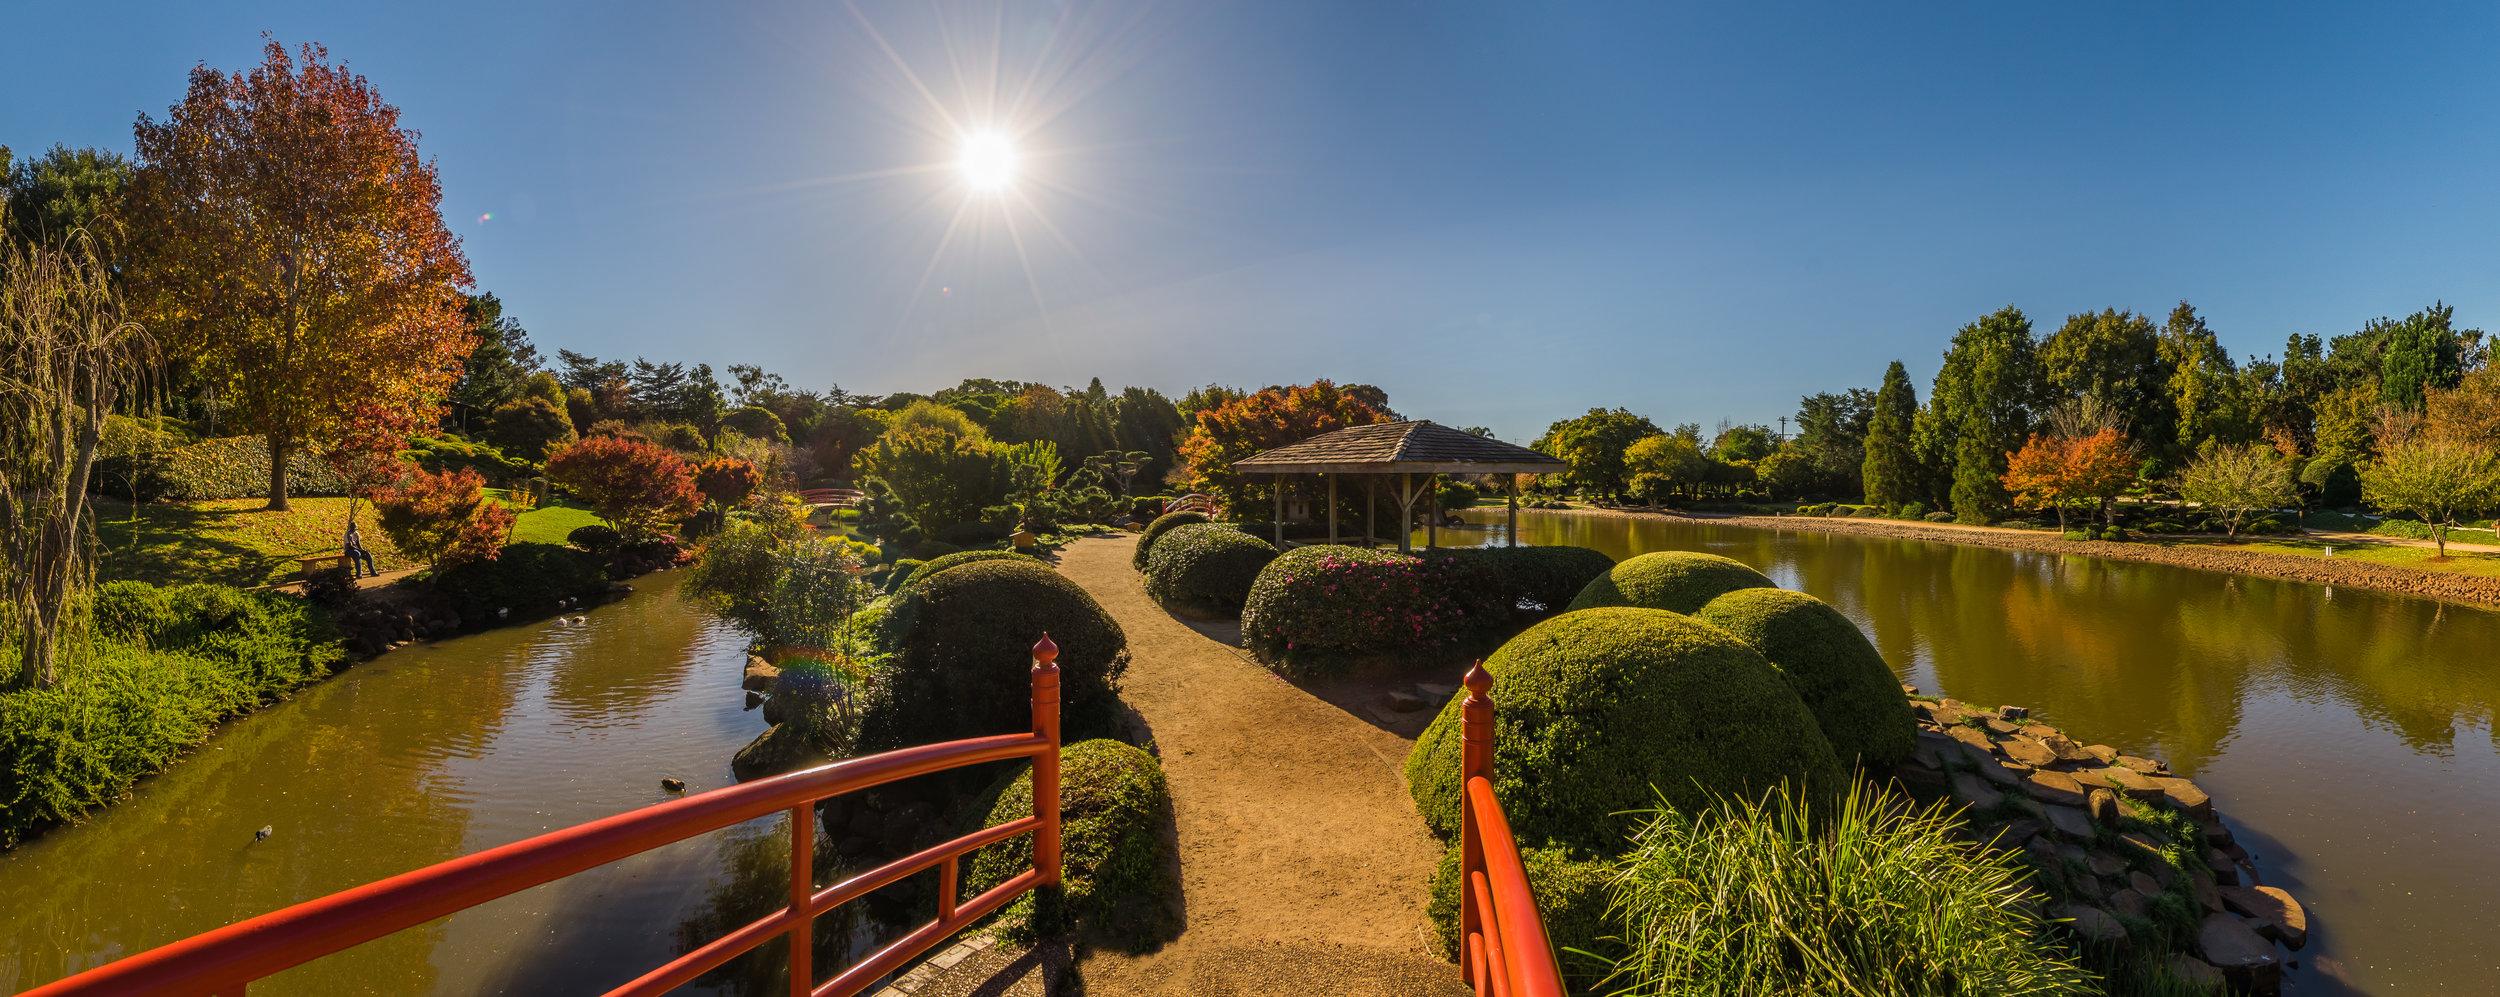 Japanese Gardens, Toowoomba.jpg